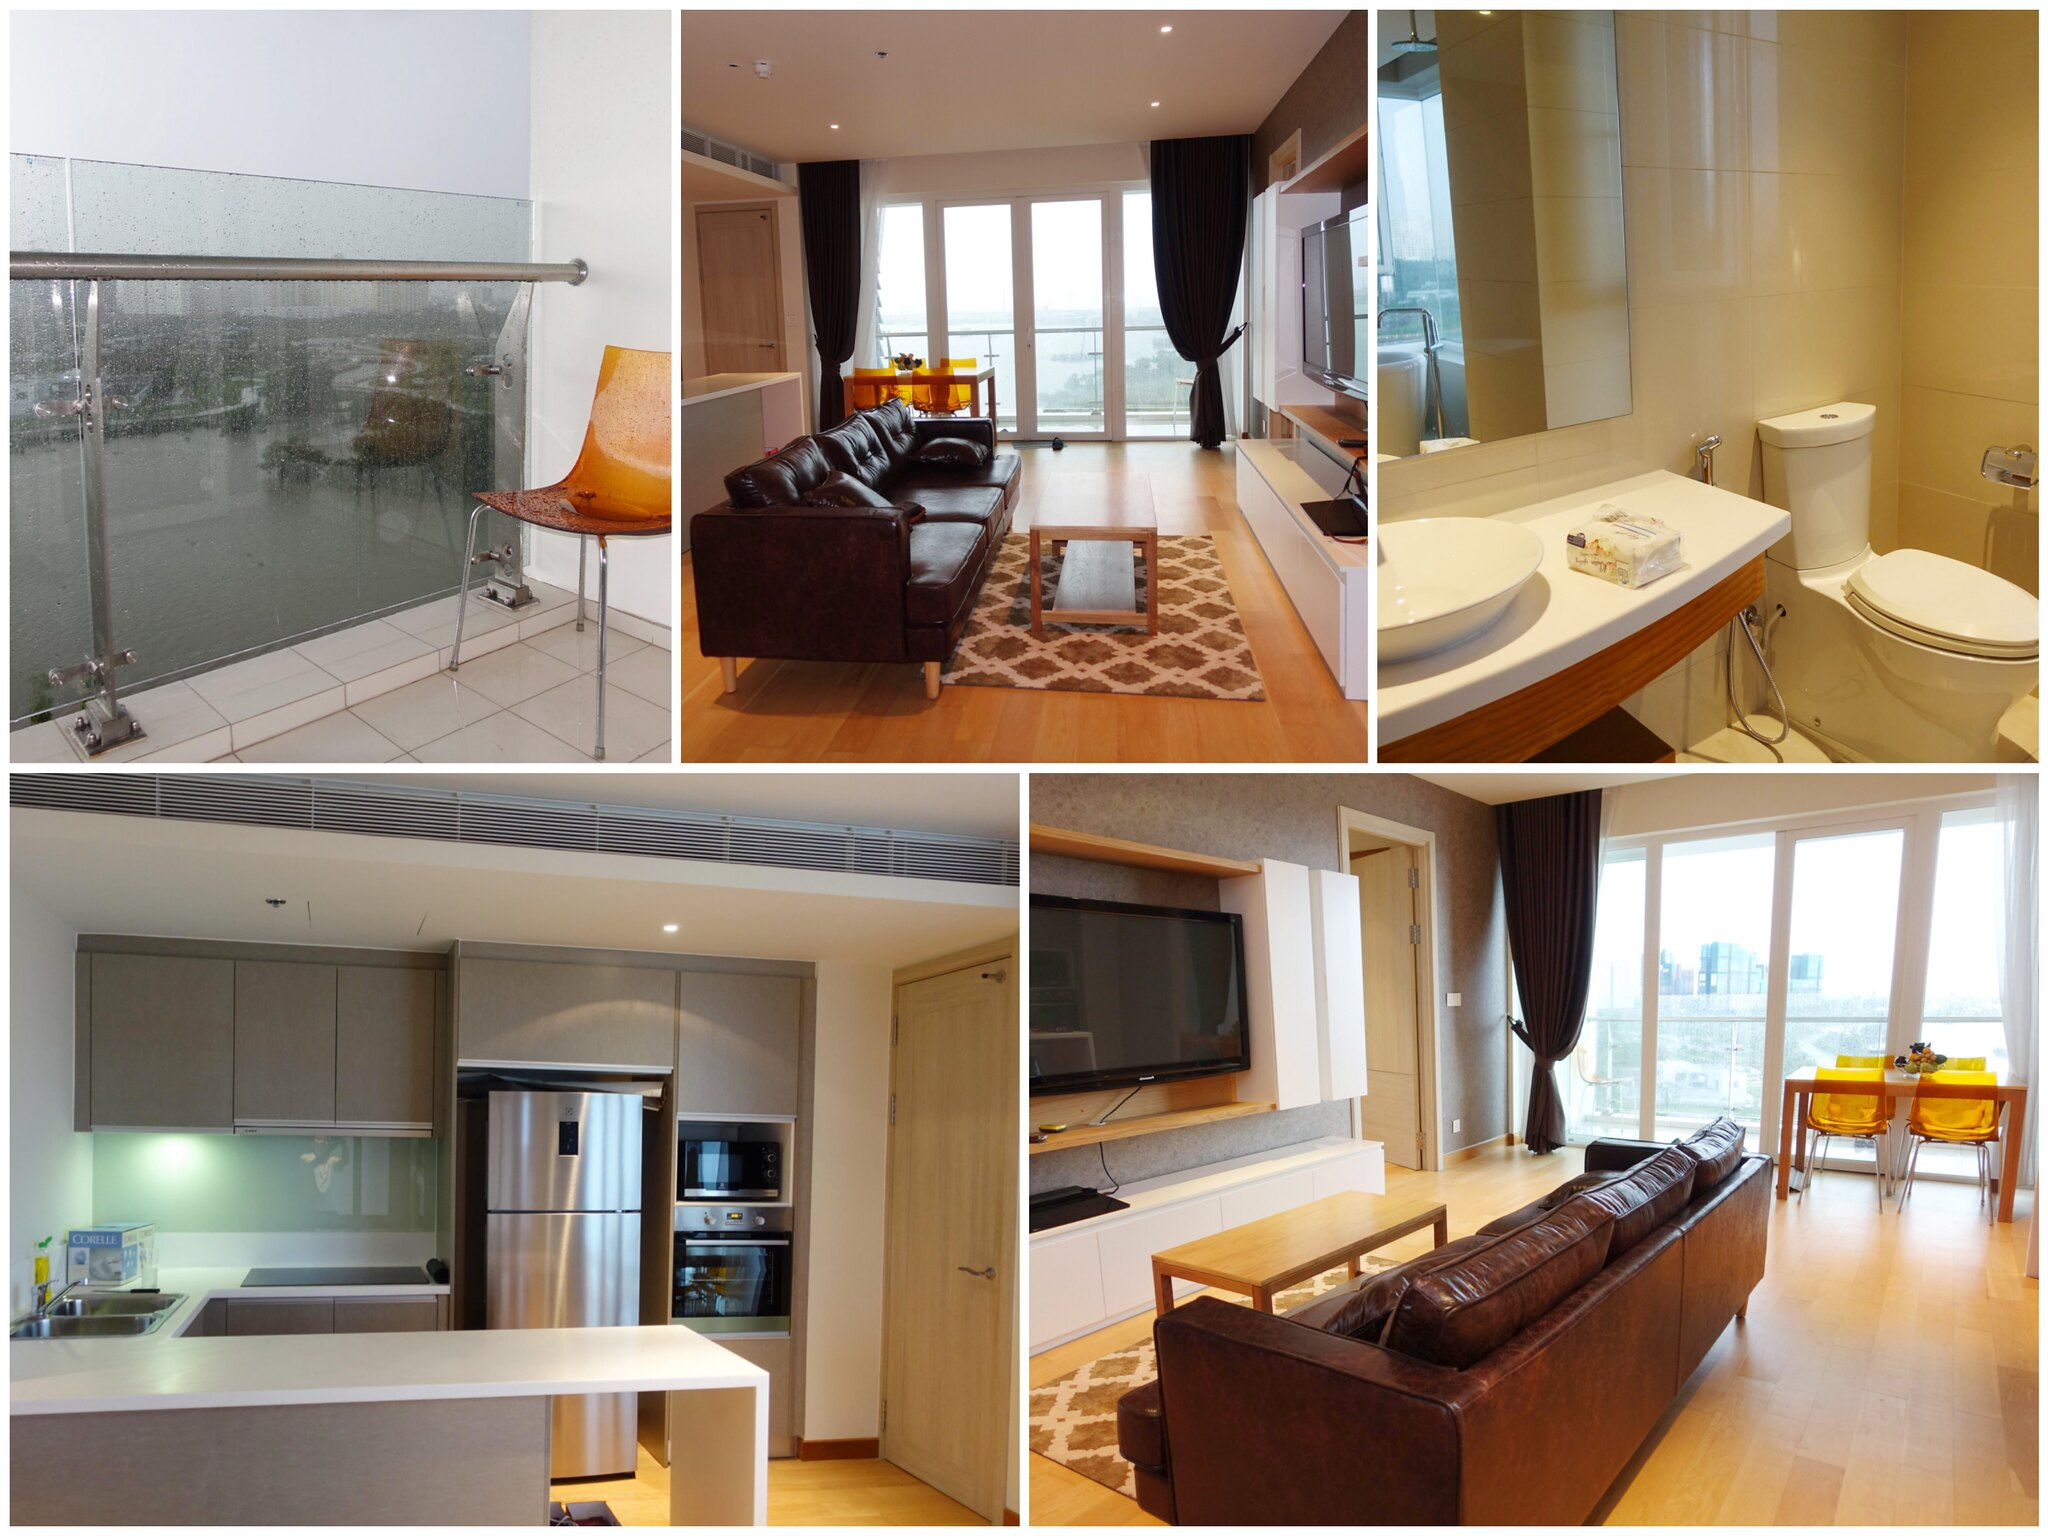 Hình ảnh thực tế nội thất căn hộ